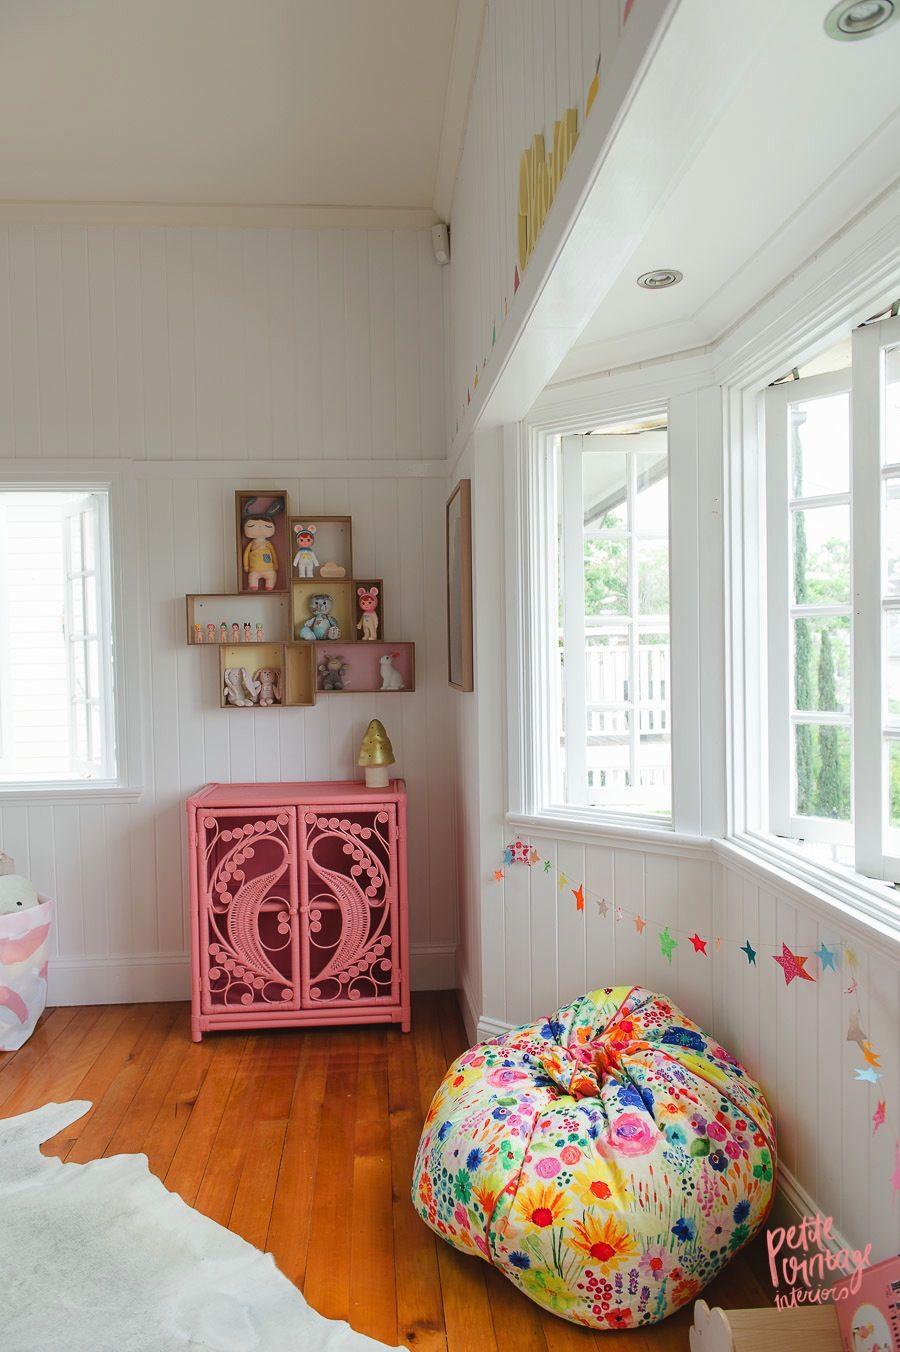 Petite vintage interiors the house that pinterest built